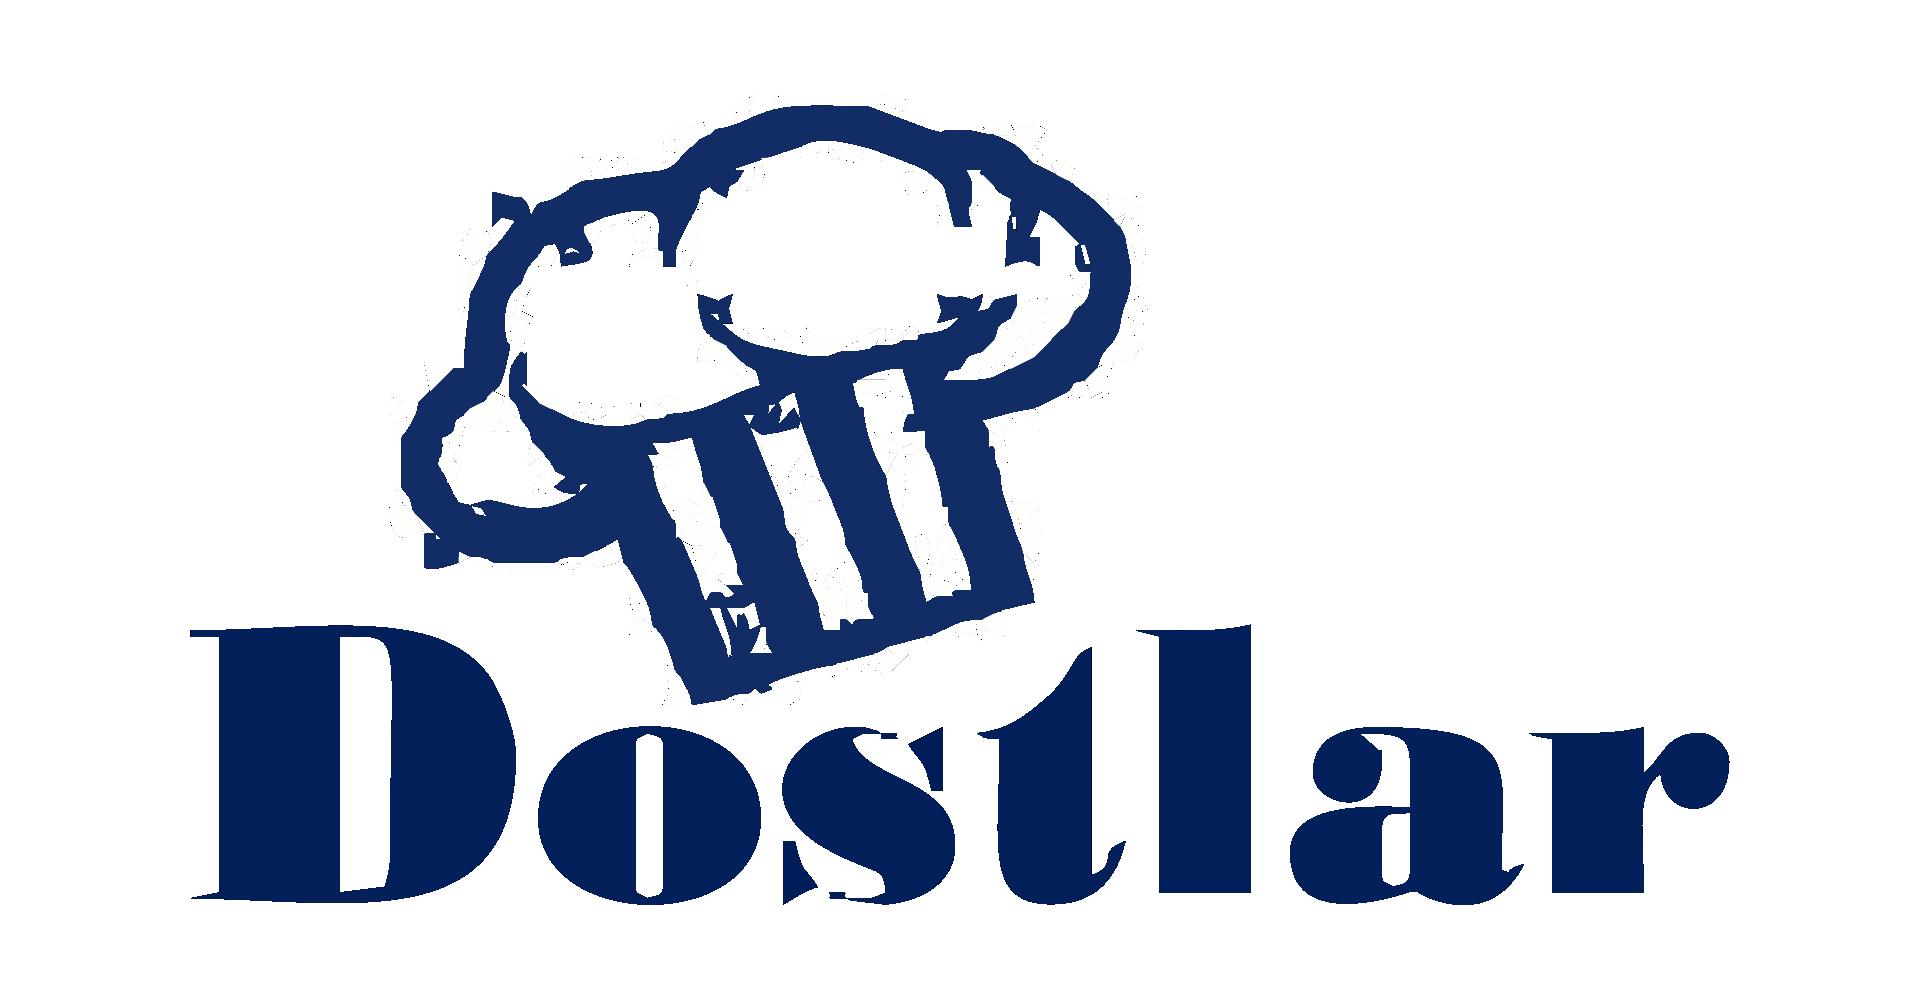 Şirketimiz tecrübelerini bir standart haline getirerek firmaların küçük bir  analiz ile maliyet kontrolü, hibeler, kolay ve ucuz kaynak, uluslararası  pazarda PlusPng.com  - Logo Ar International PNG